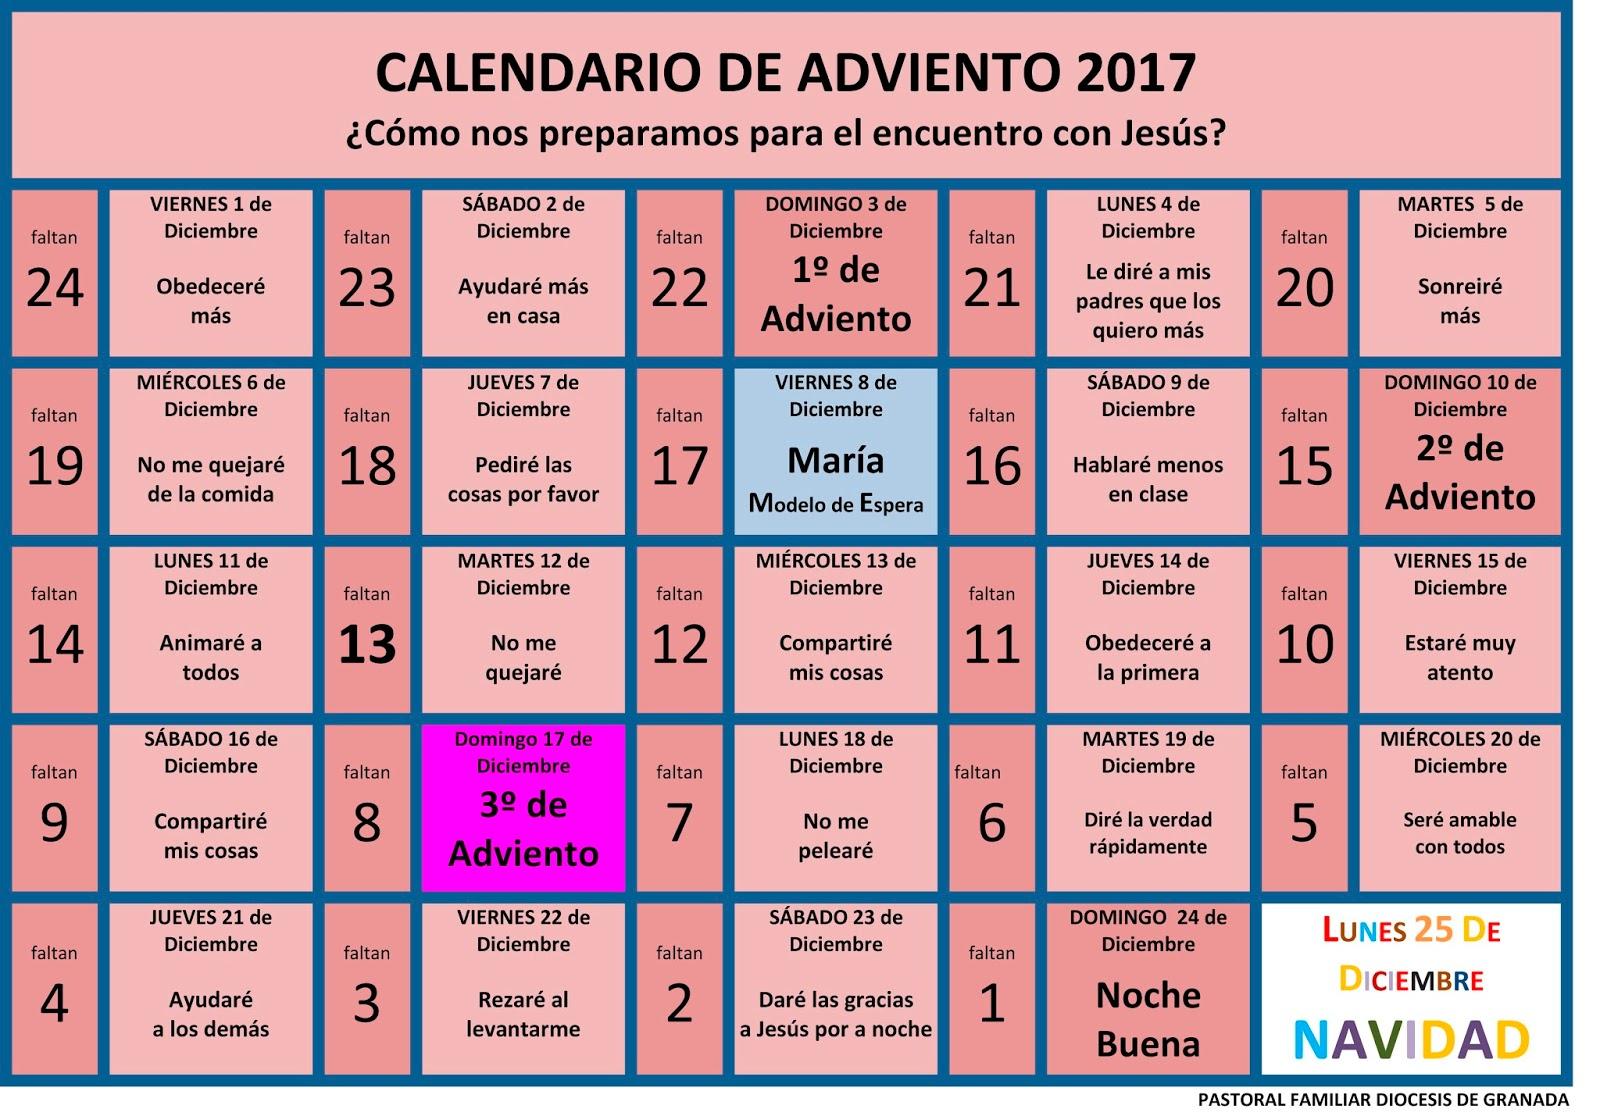 Vida de gracia adviento 2017 tiempo de espera for Calendario adviento 2017